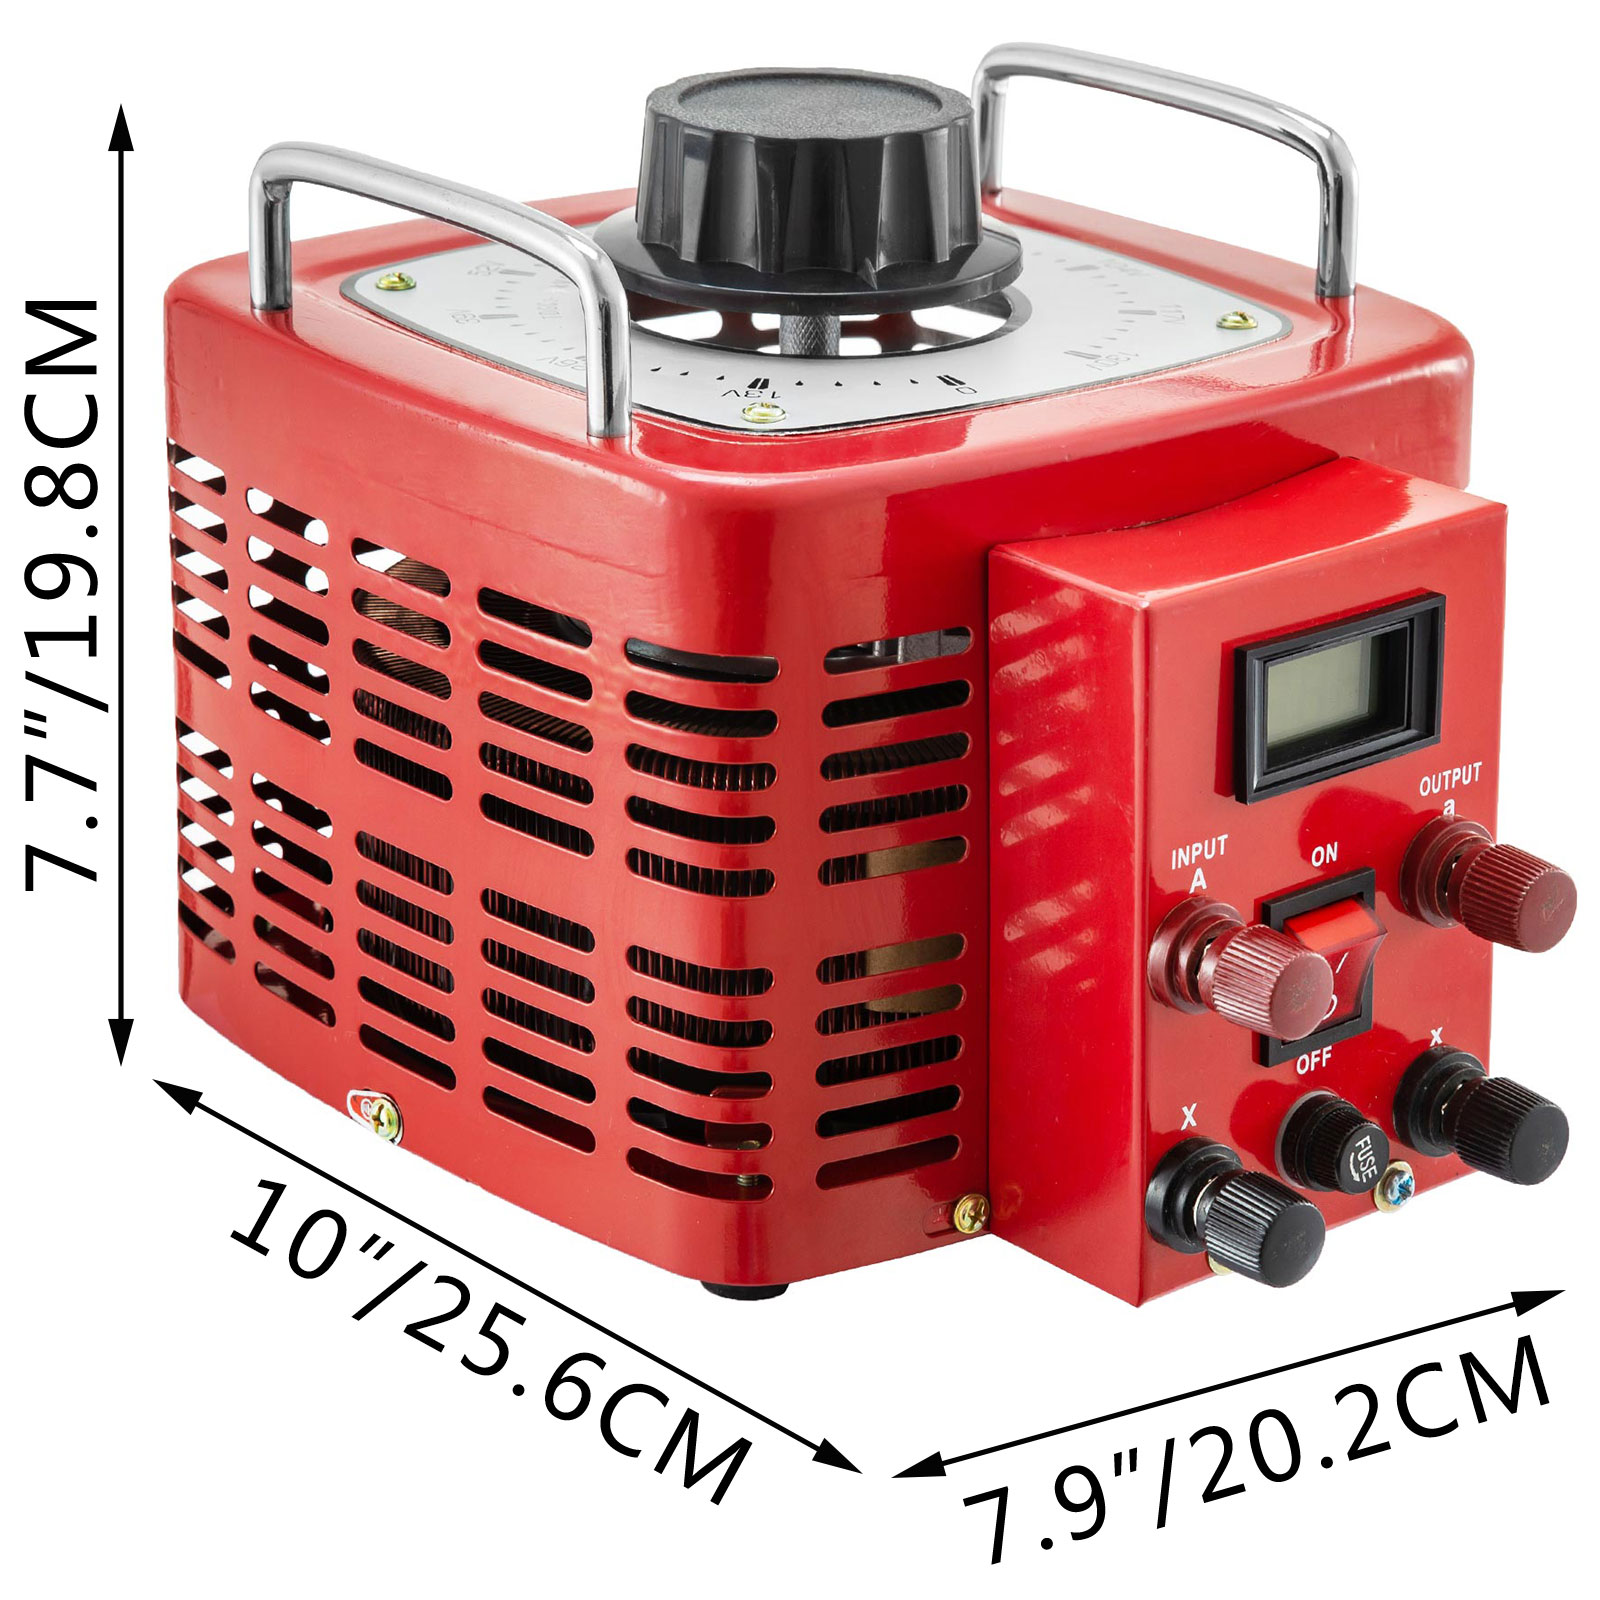 Variac-Variable-Transforme-0-5-1-2-3KVA-LCD-Single-Phase-Digital-Display-0-130V thumbnail 56